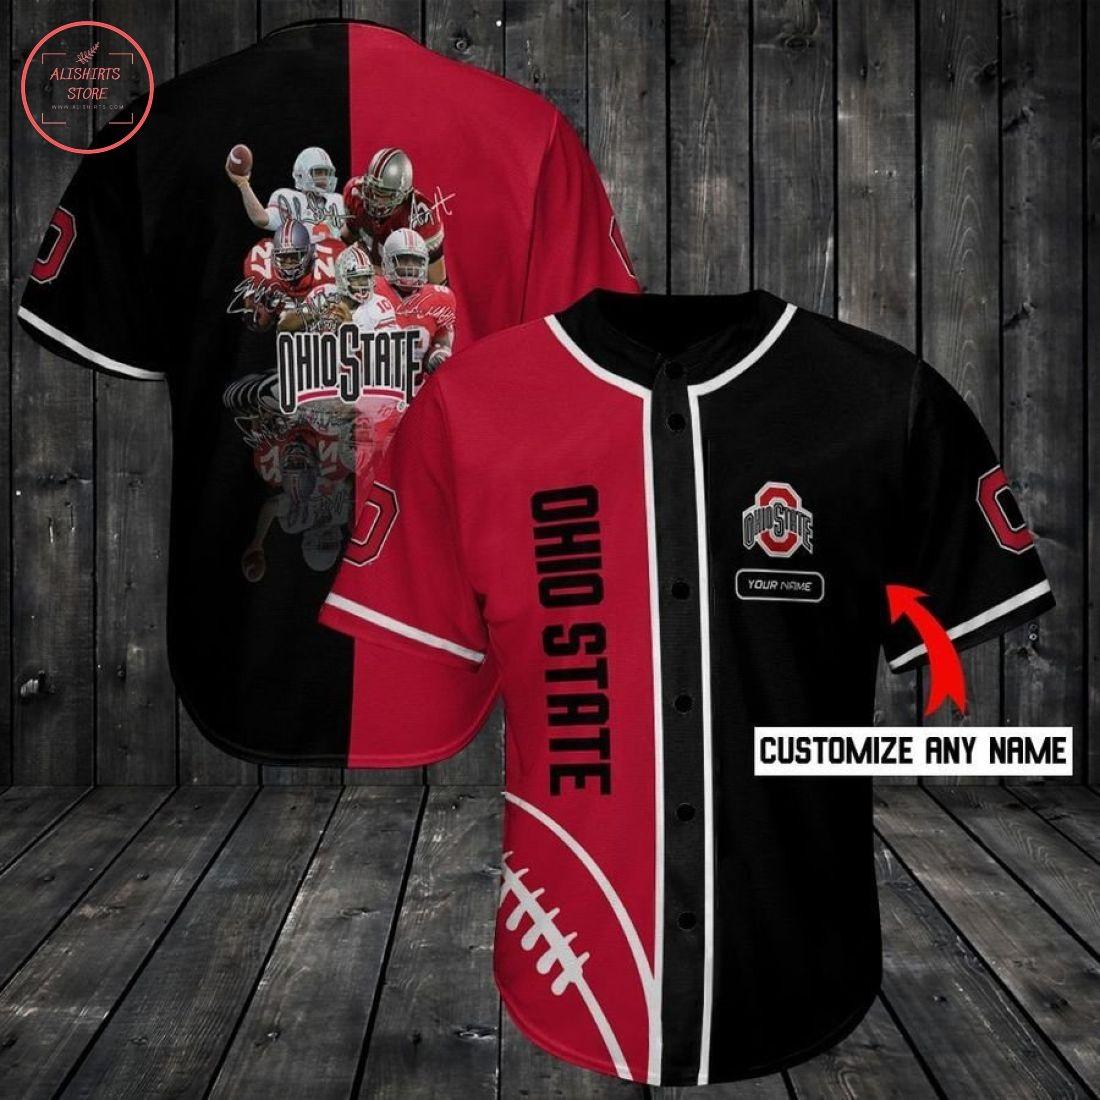 Ncaa Ohio State Buckeyes Custom Name Baseball Jersey